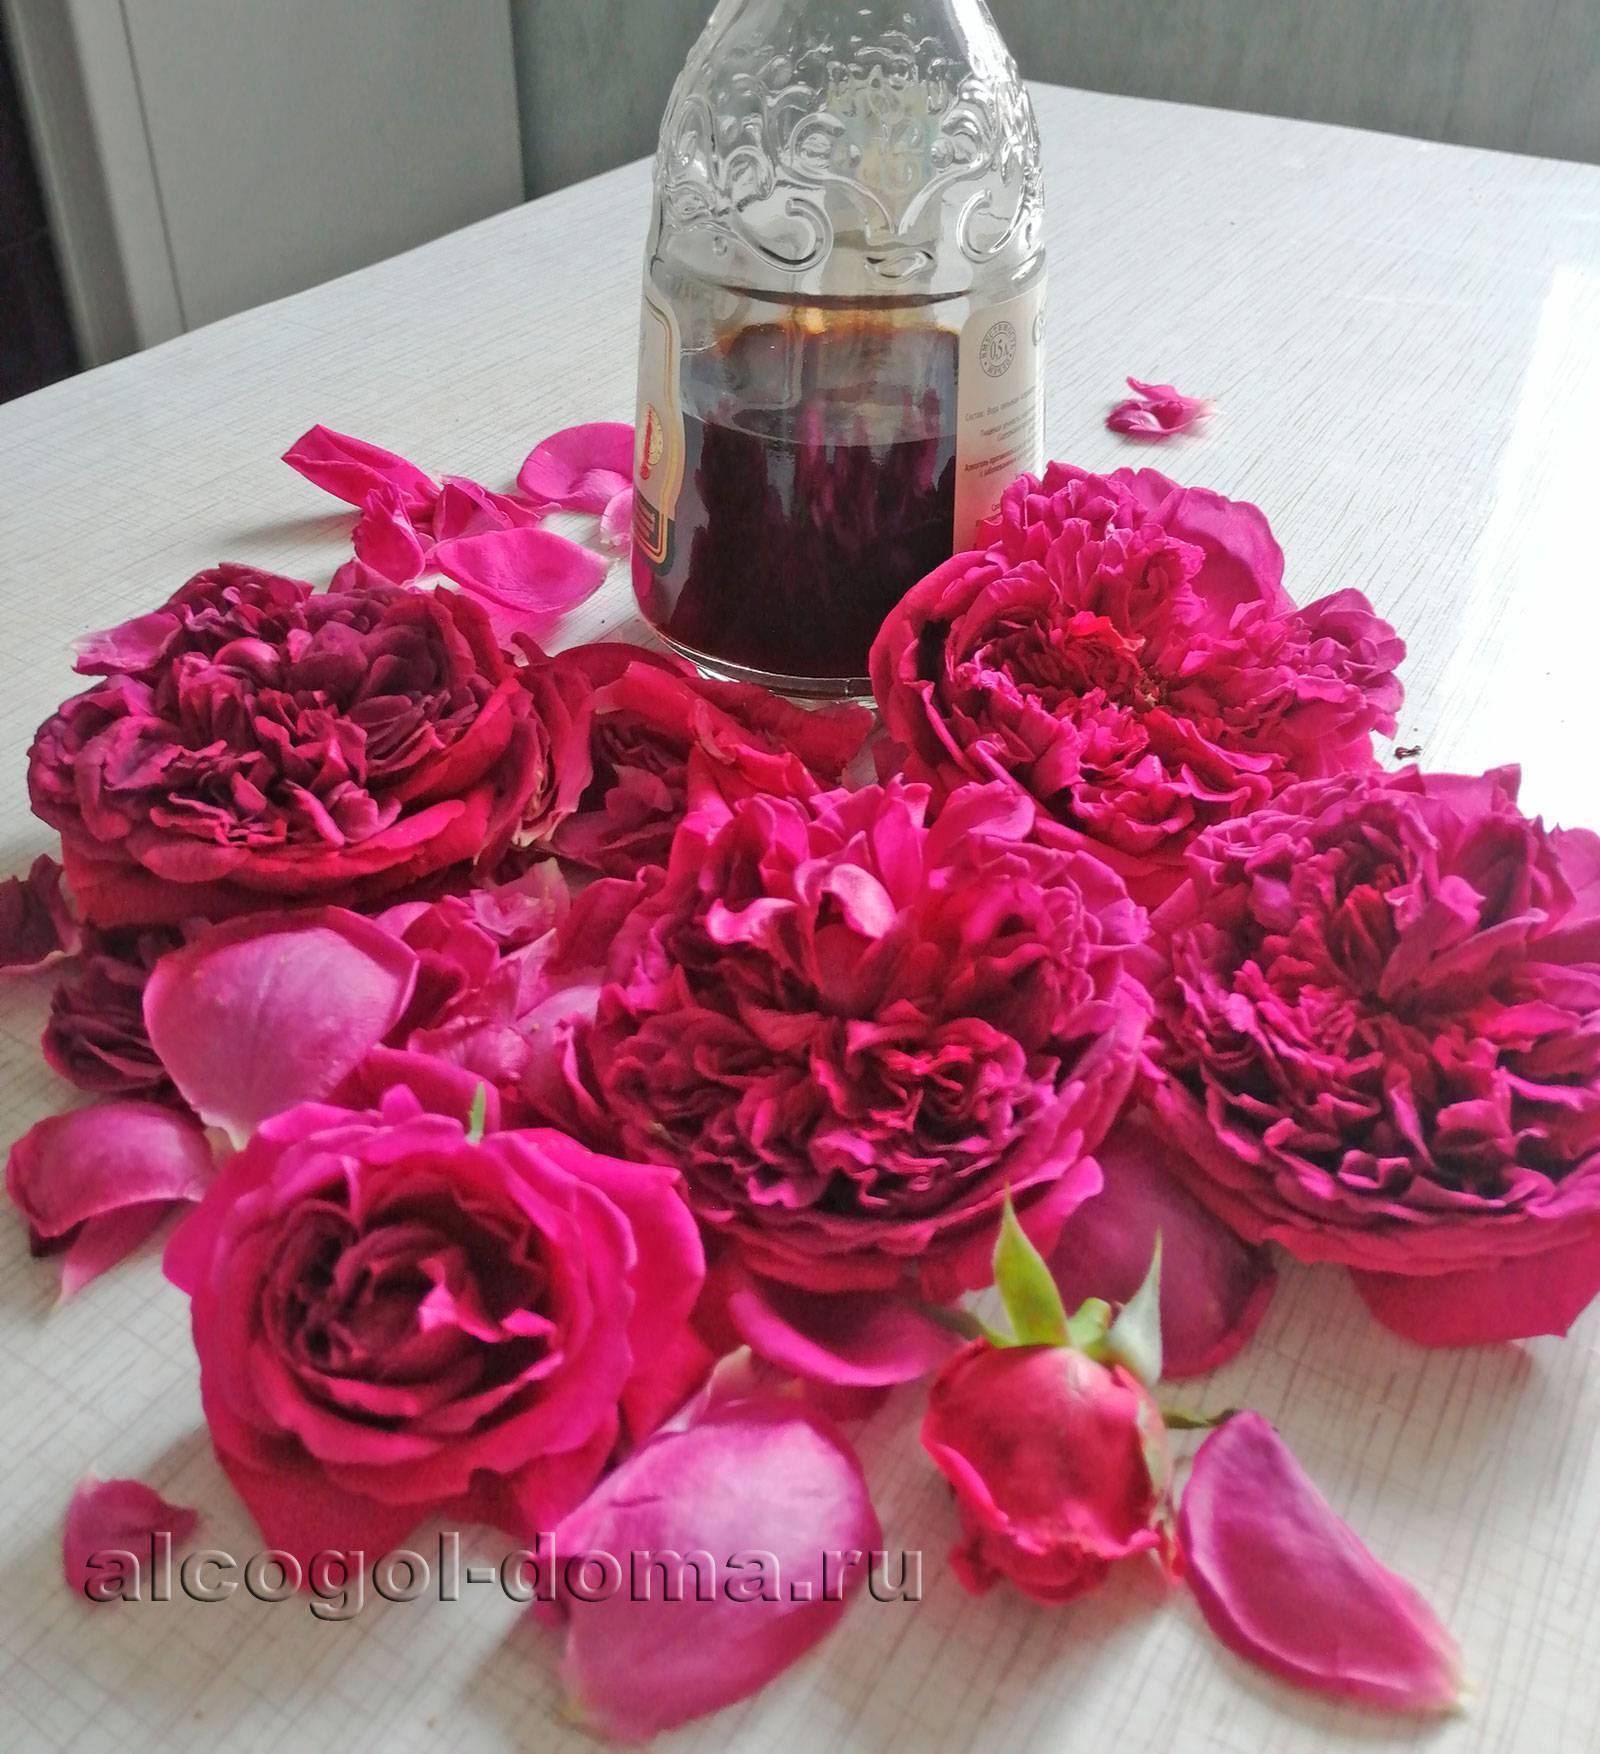 Настойка из лепестков роз: особенности, лечебные свойства, рецепты и применение